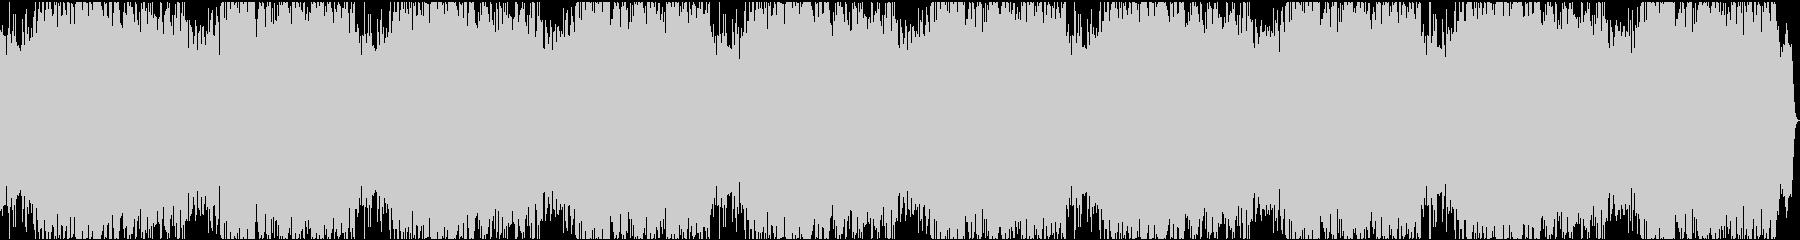 企業VP8 爽やか 14分バージョンの未再生の波形